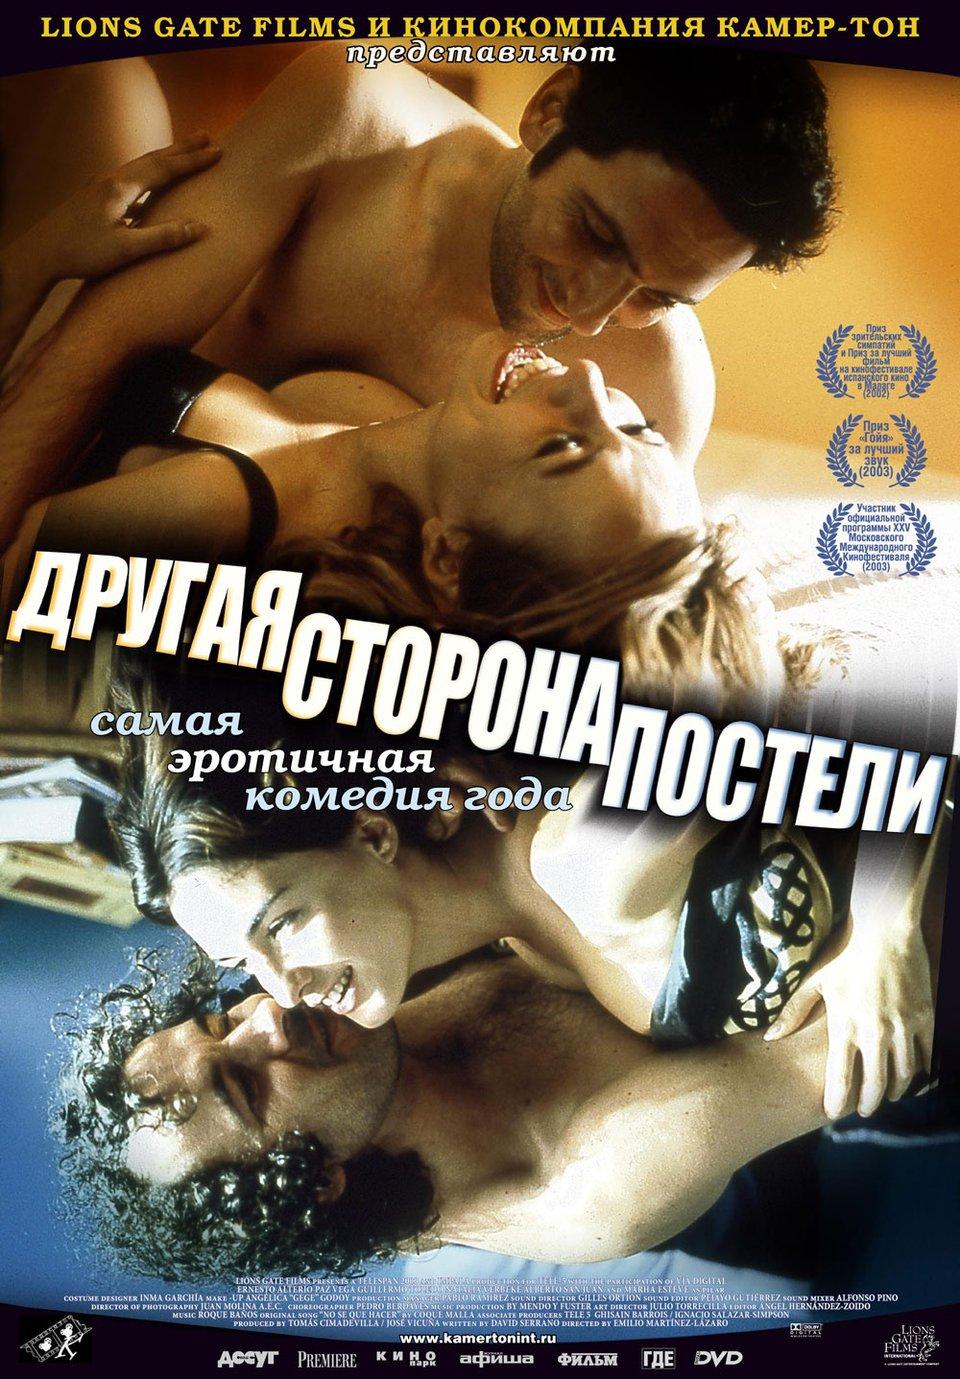 Режиссер дал роль через постель порно 23 фотография